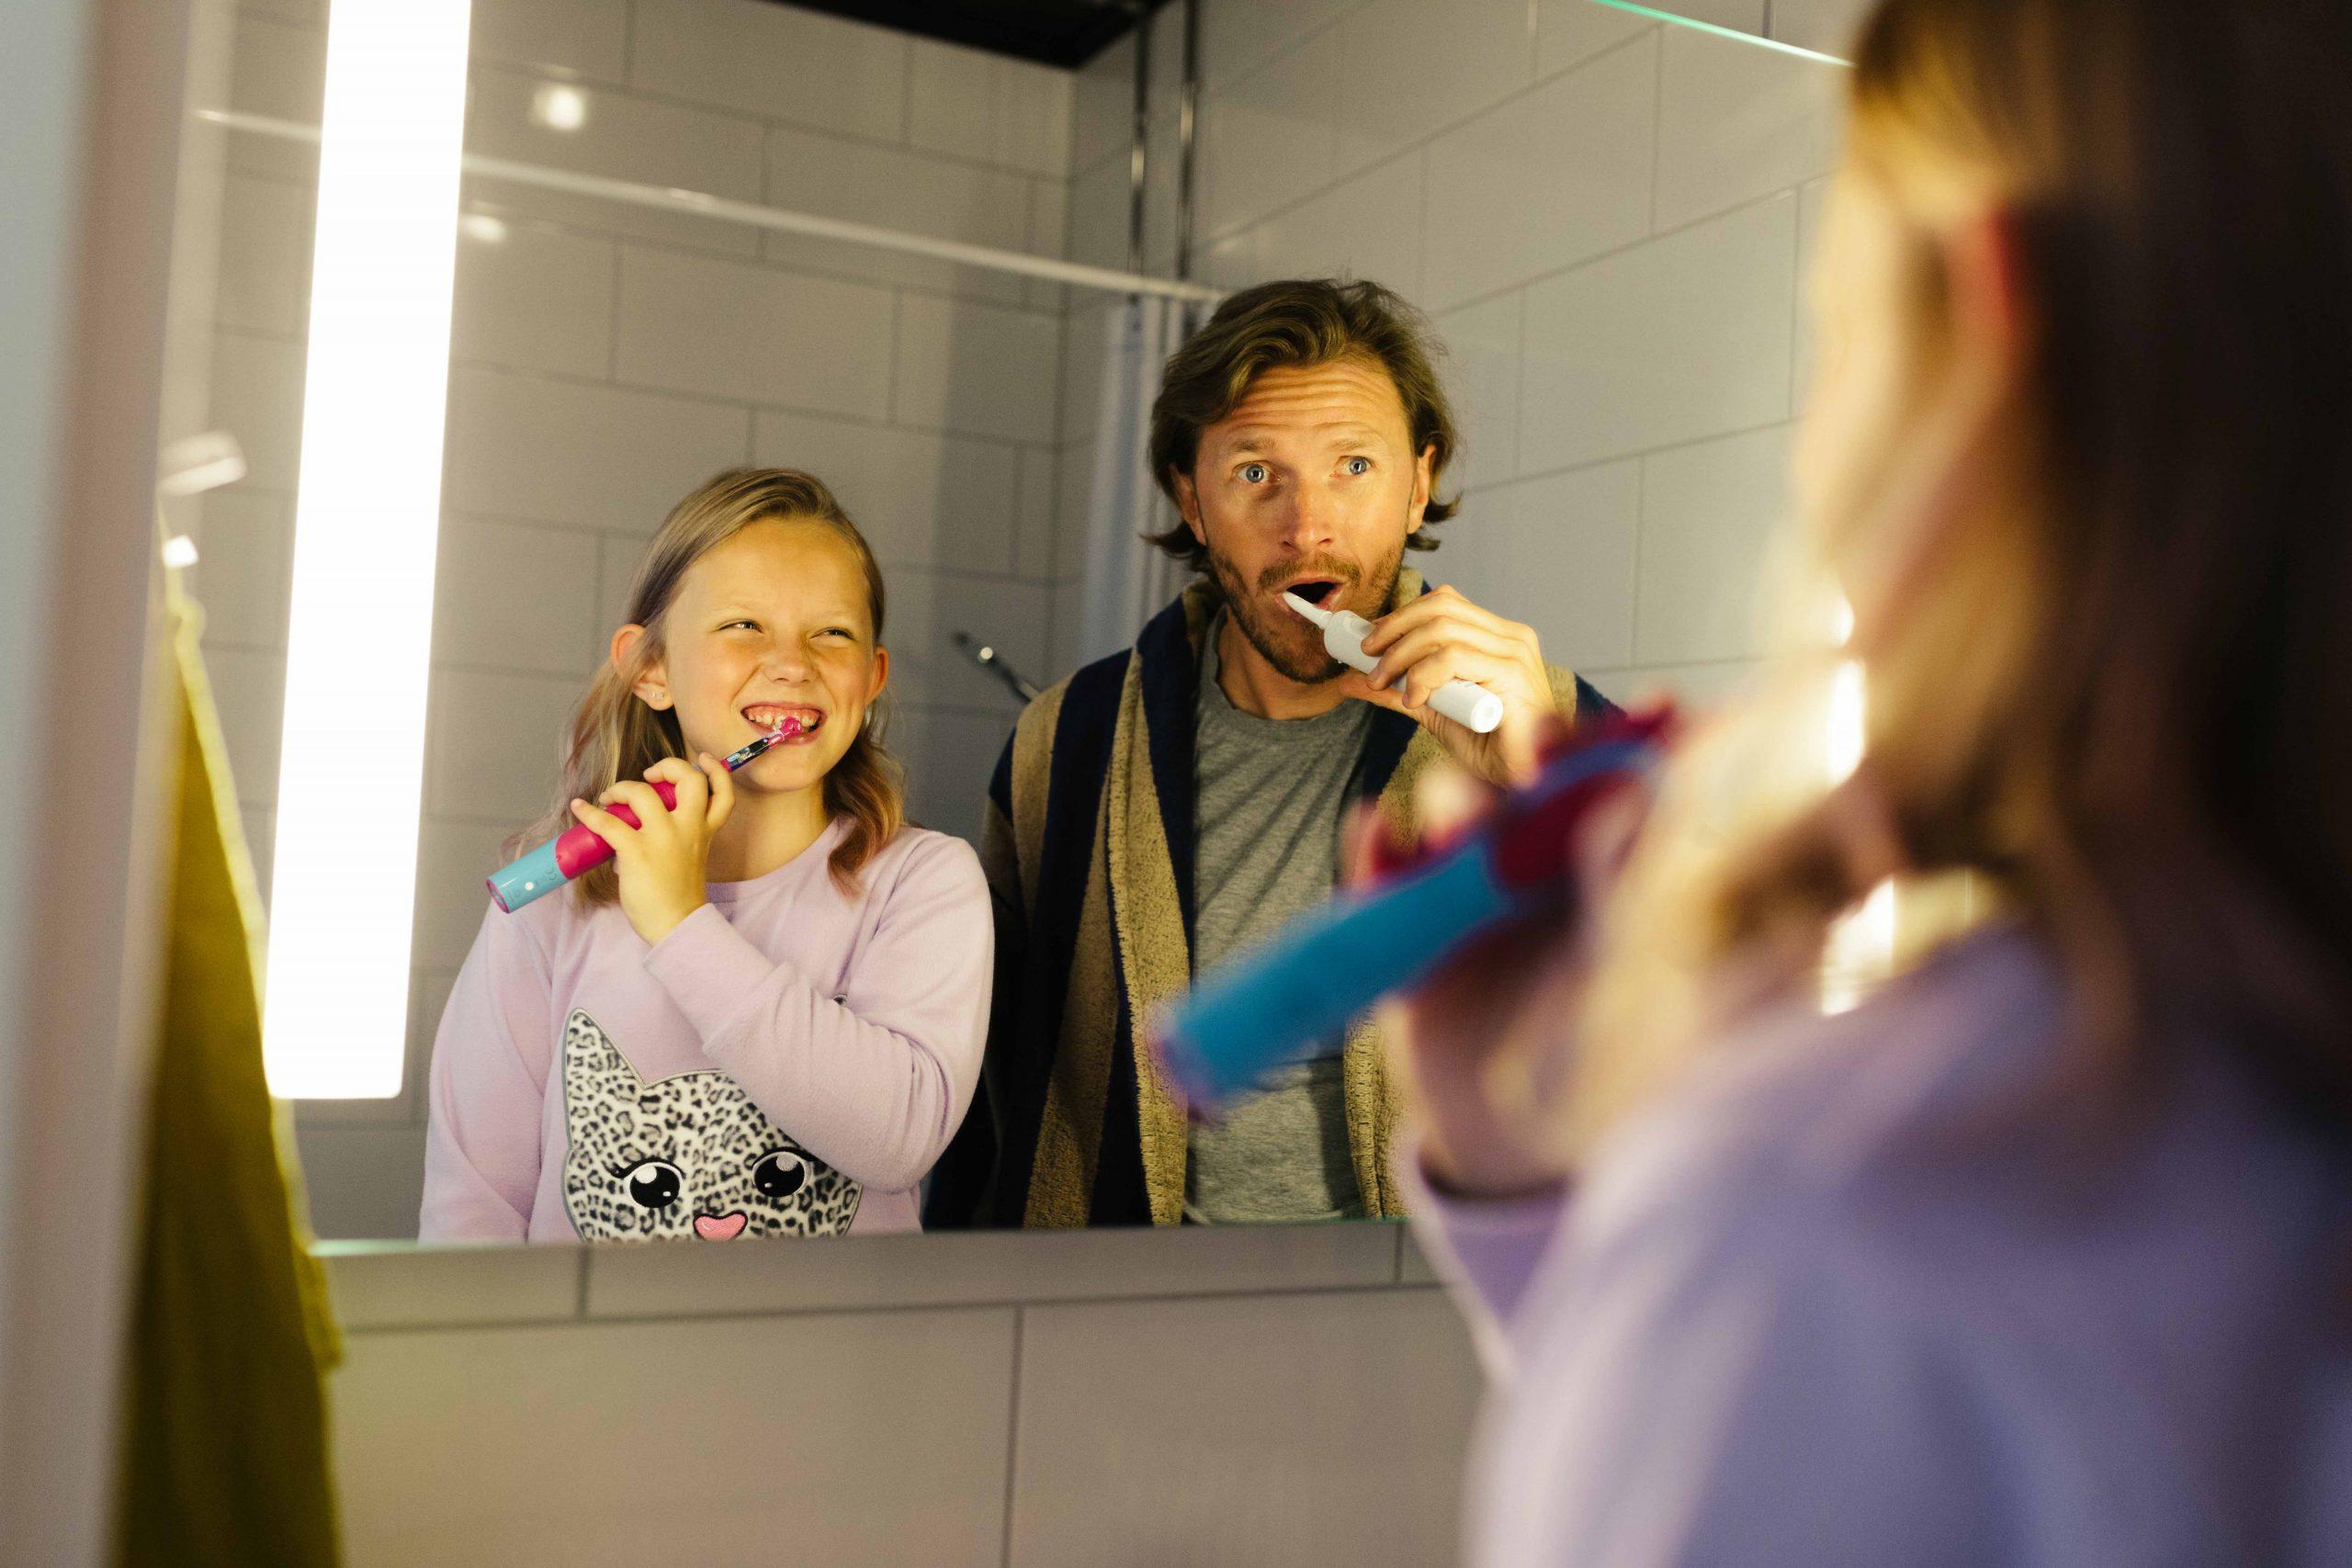 Lapsi ja mies pesemässä hsampaita peilin edessä